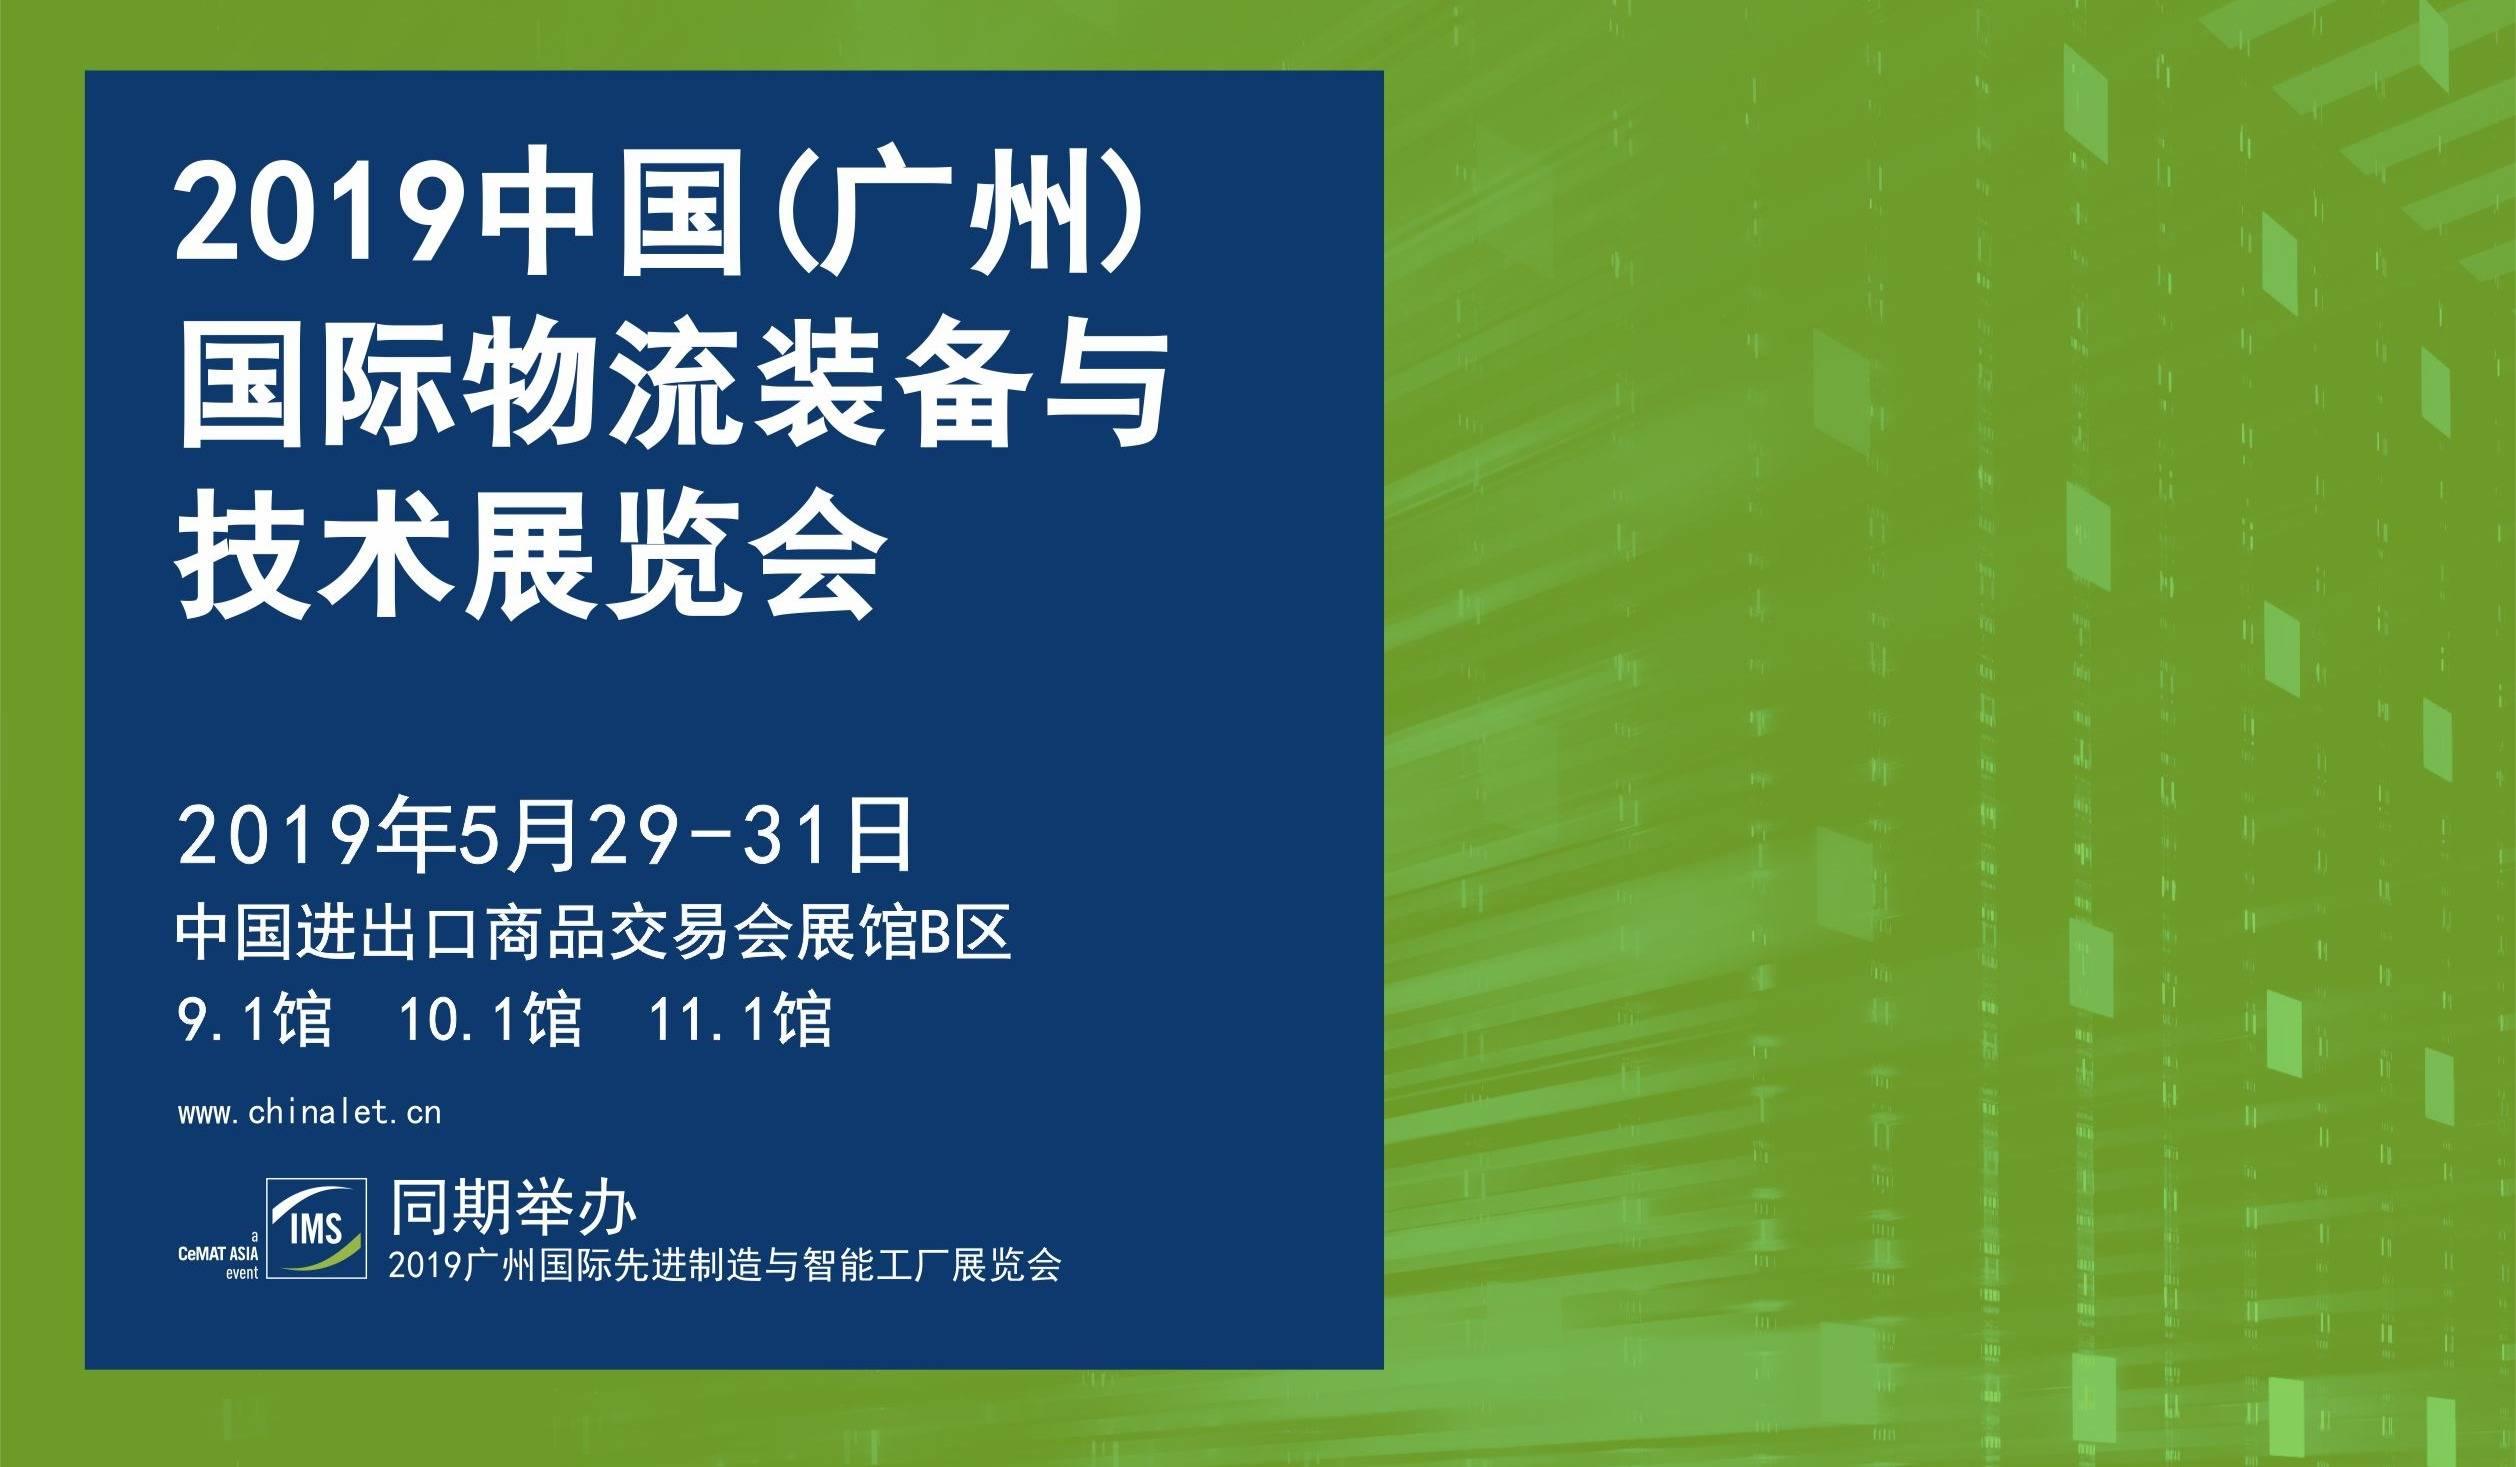 2019中国(广州)国际物流装备与技术展览会-现场系列活动